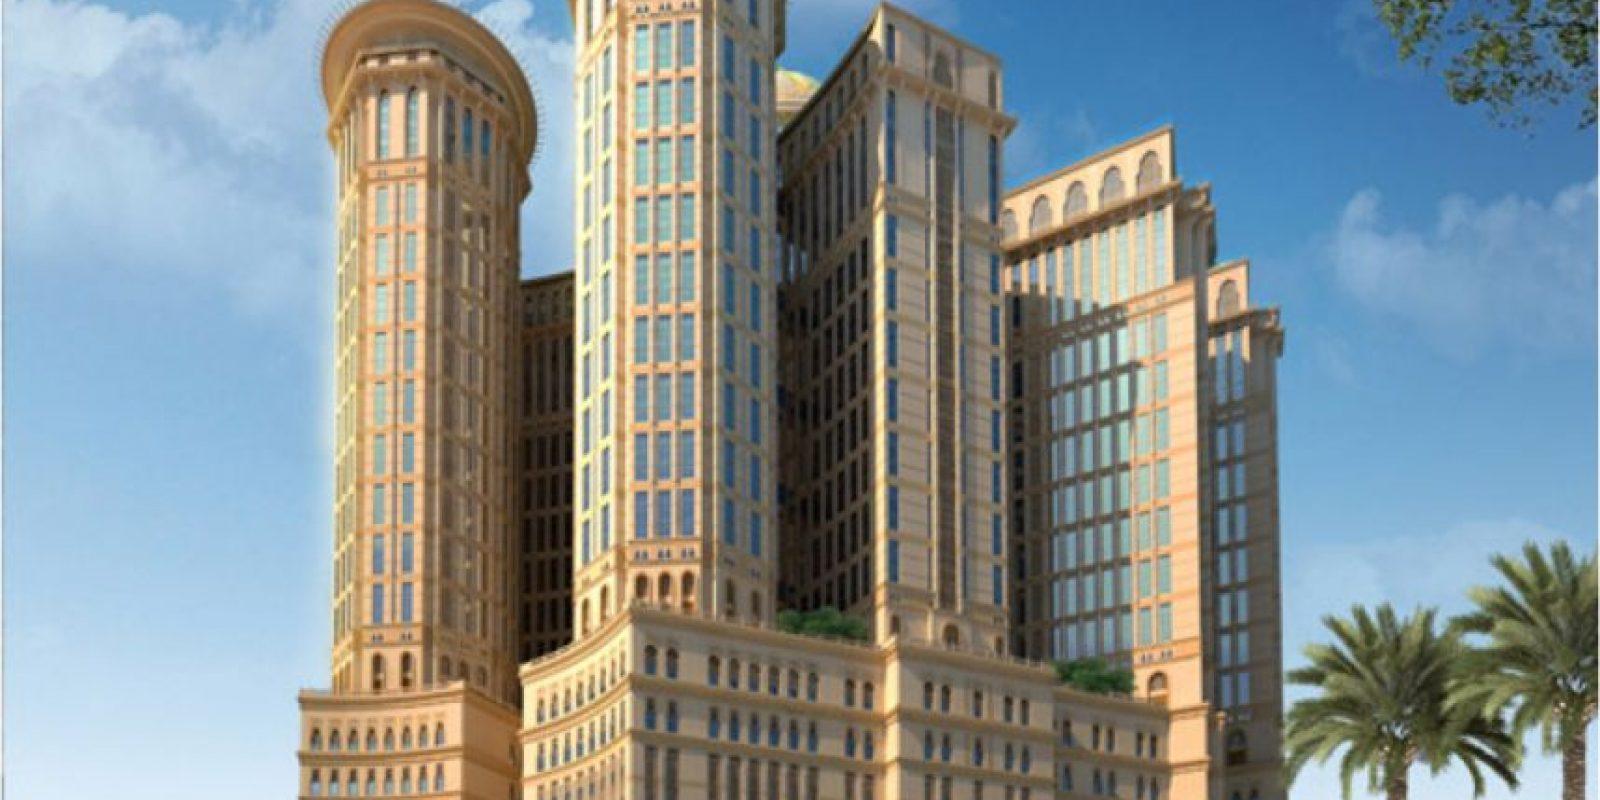 Se ubicará en La Meca, Arabia Saudí. Foto:Vía dar.dargroup.com